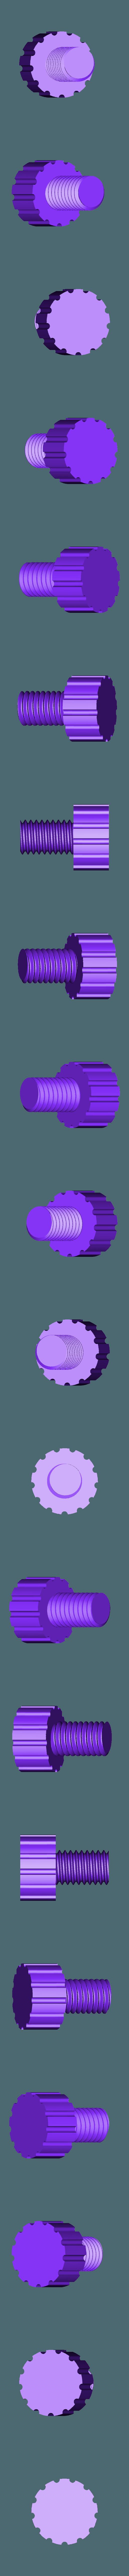 DD_vis_v3.stl Télécharger fichier STL gratuit boitier capteur fin filament pour axe 8mm • Design pour imprimante 3D, gerald85